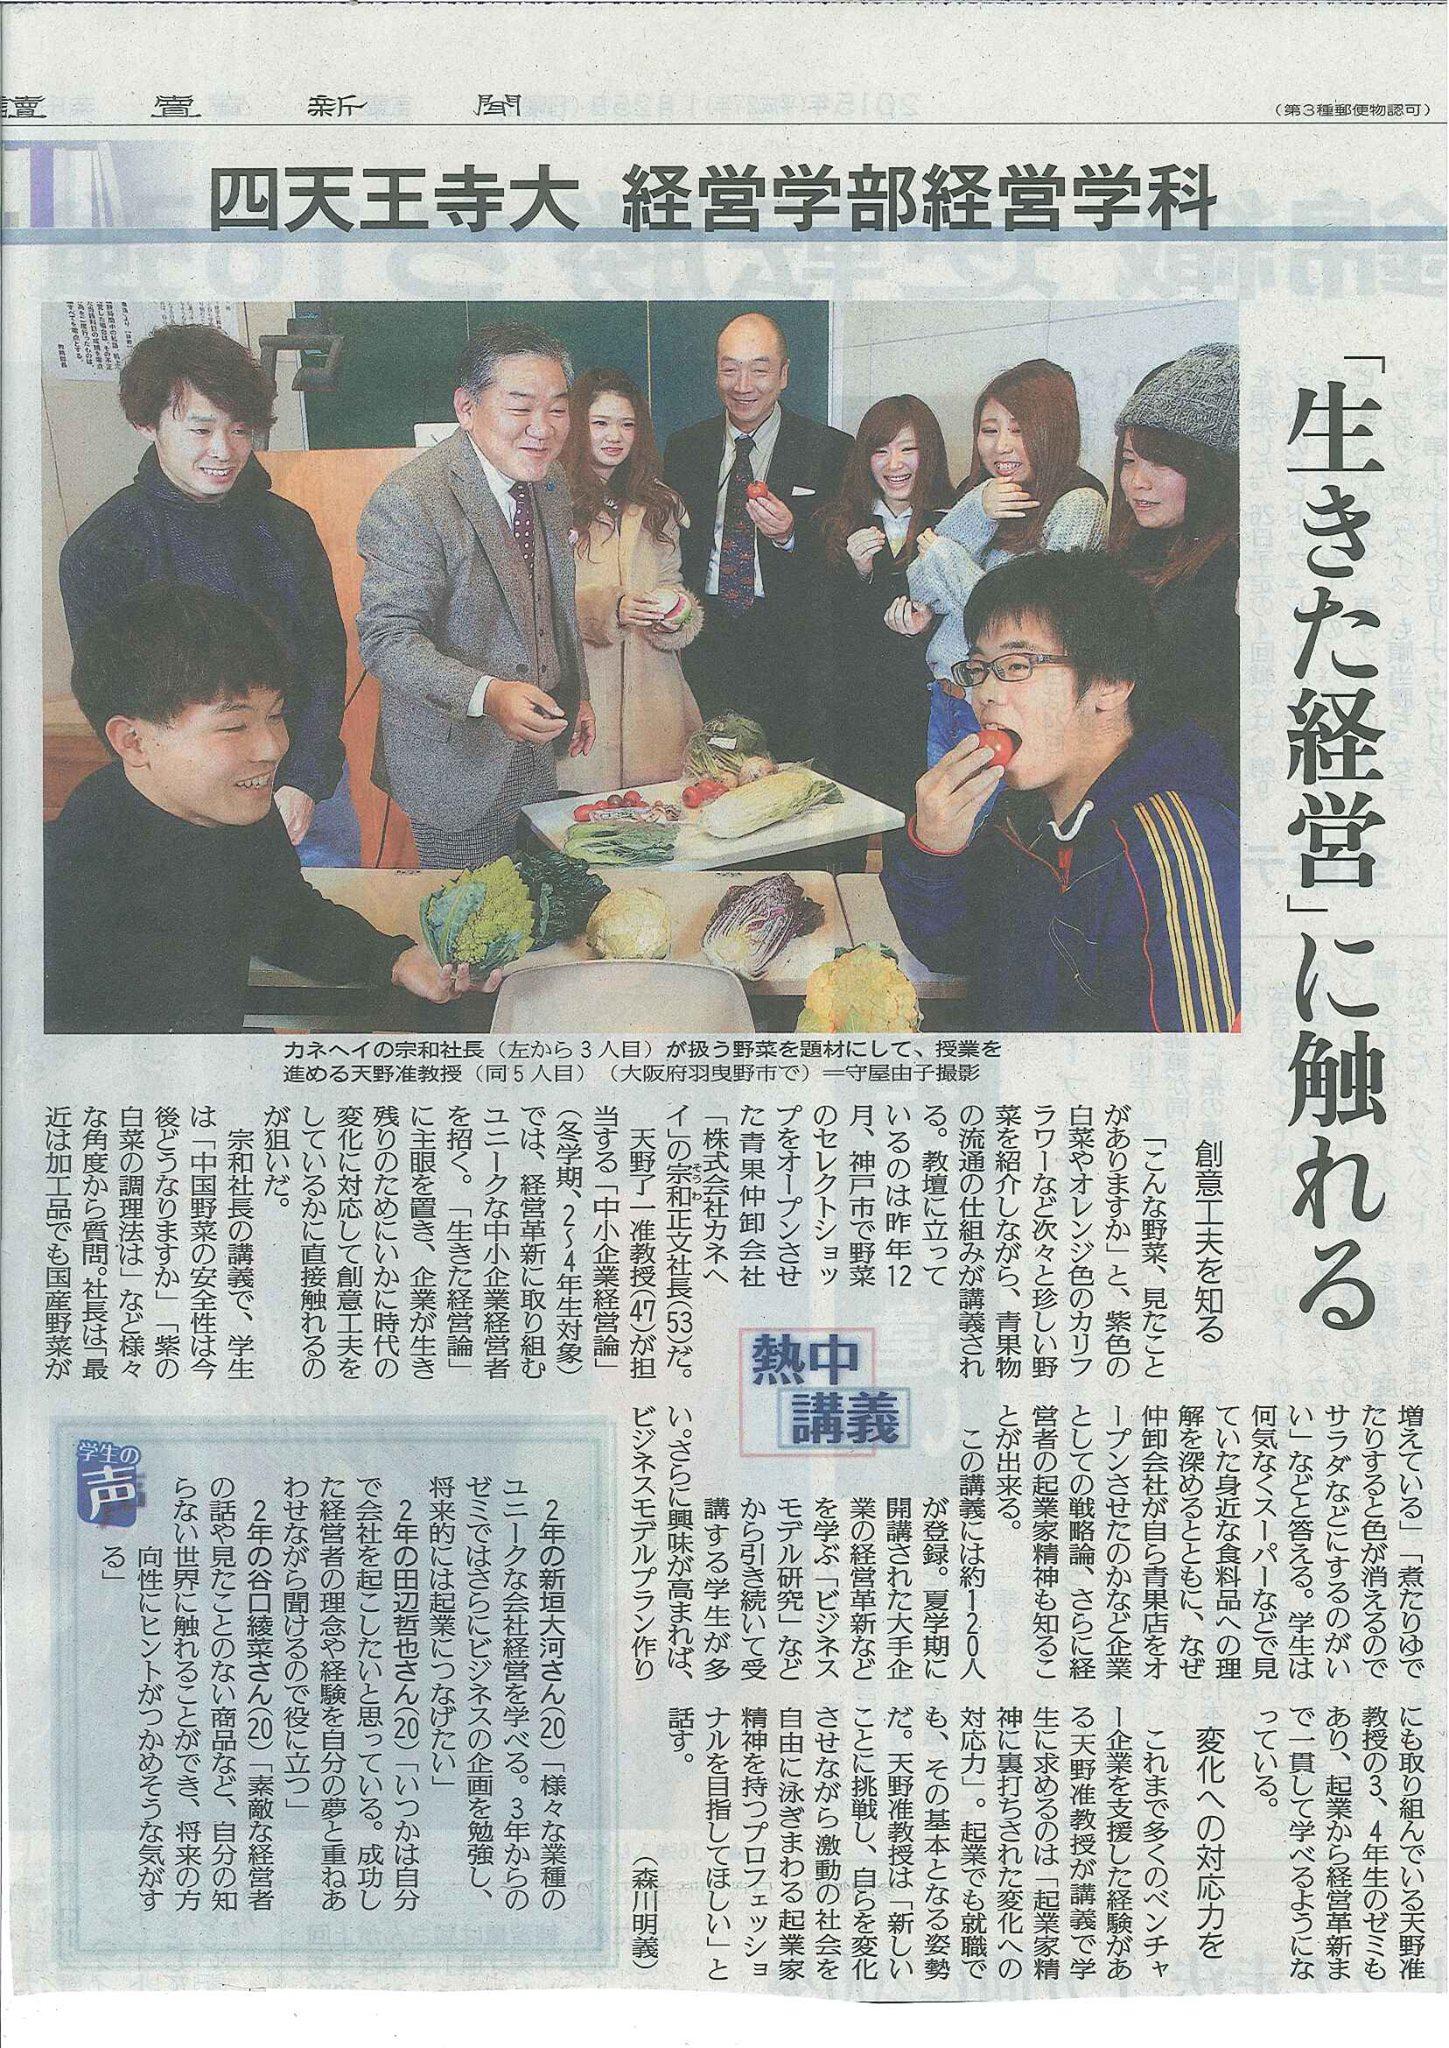 読売新聞西日本版に弊社の取り組みをご紹介頂きました